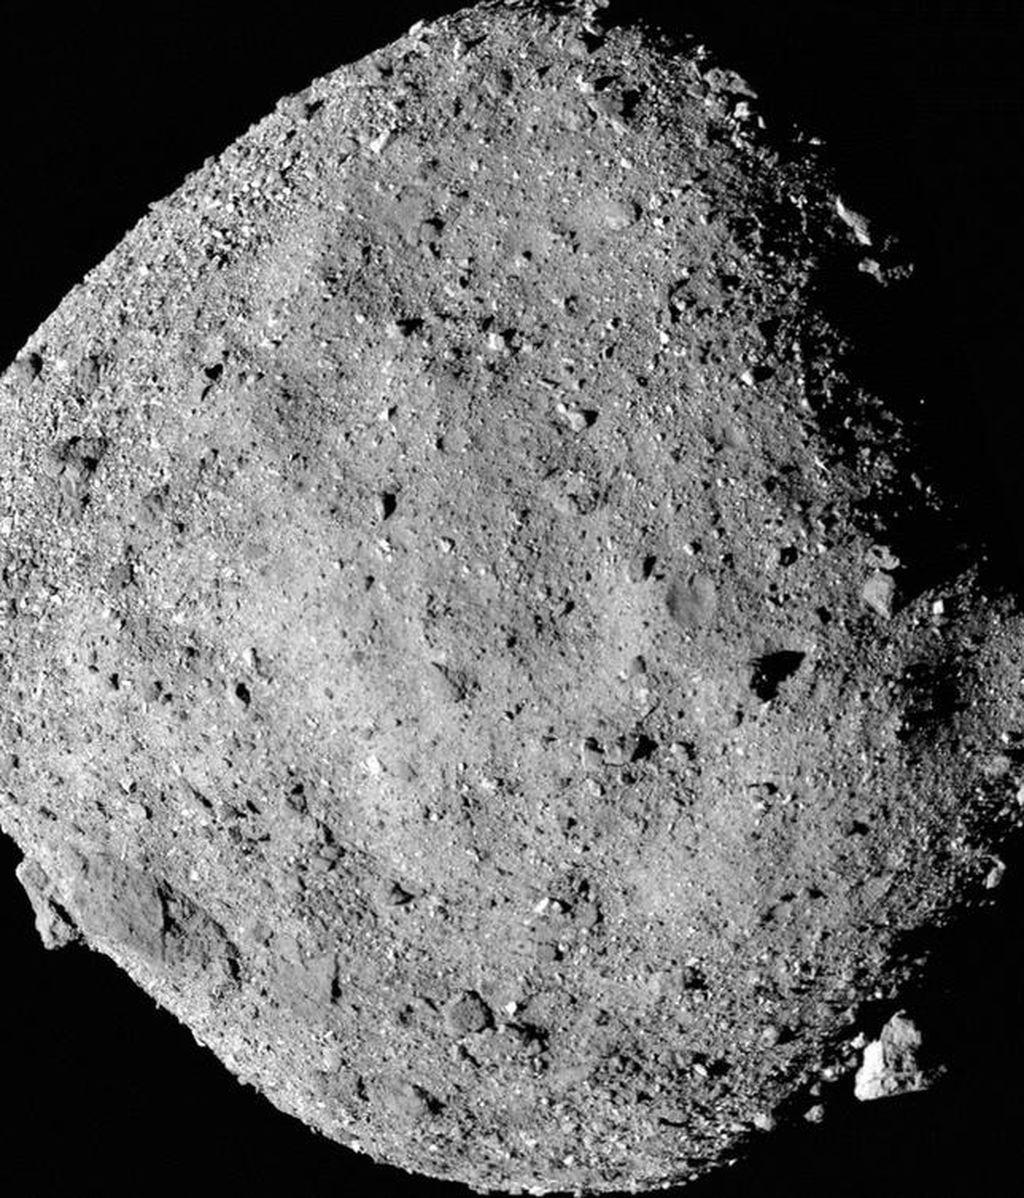 La vista más cercana hasta el momento del asteroide Bennu